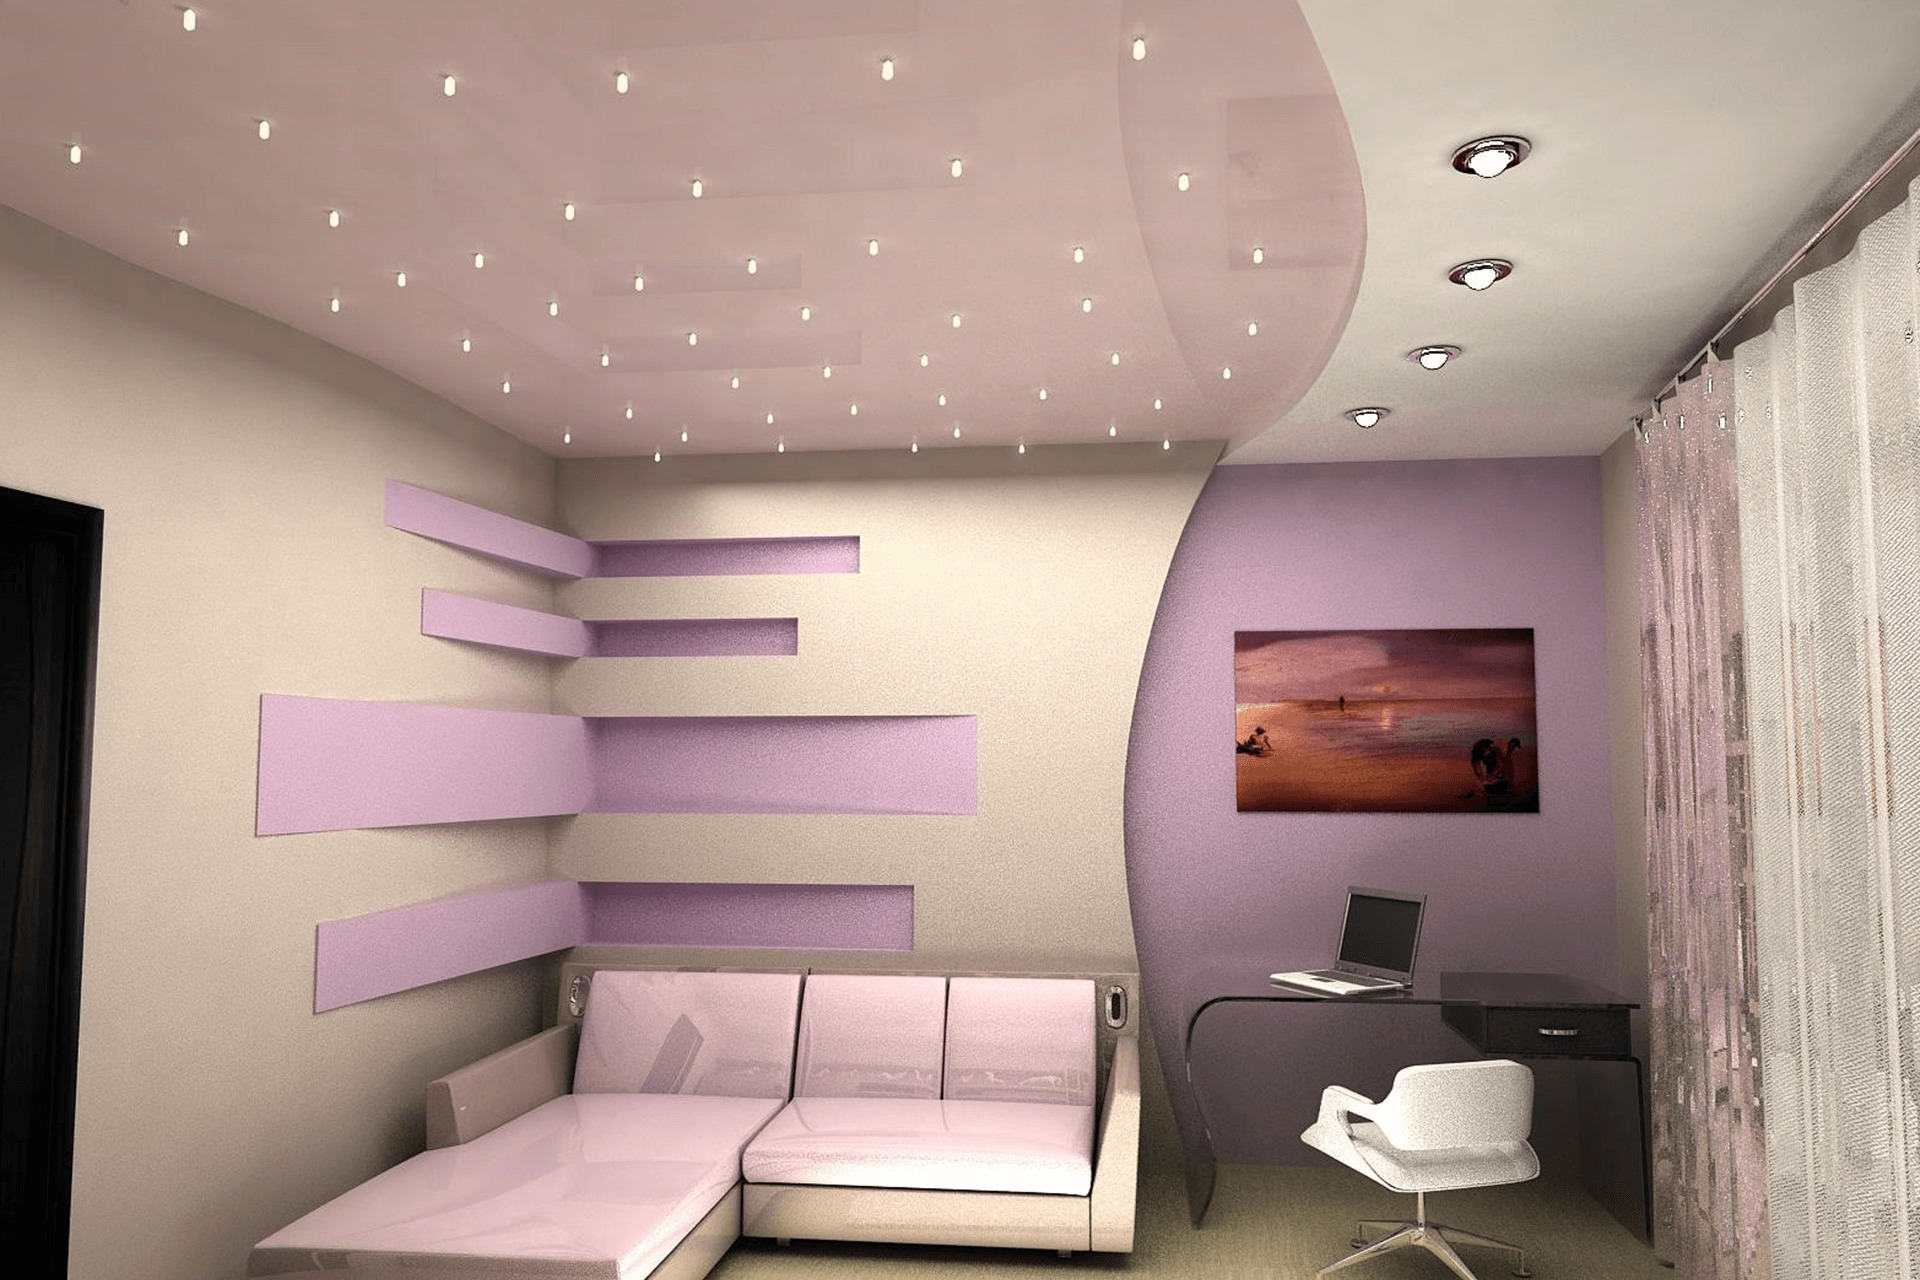 Многоуровневый натяжной потолок розовый